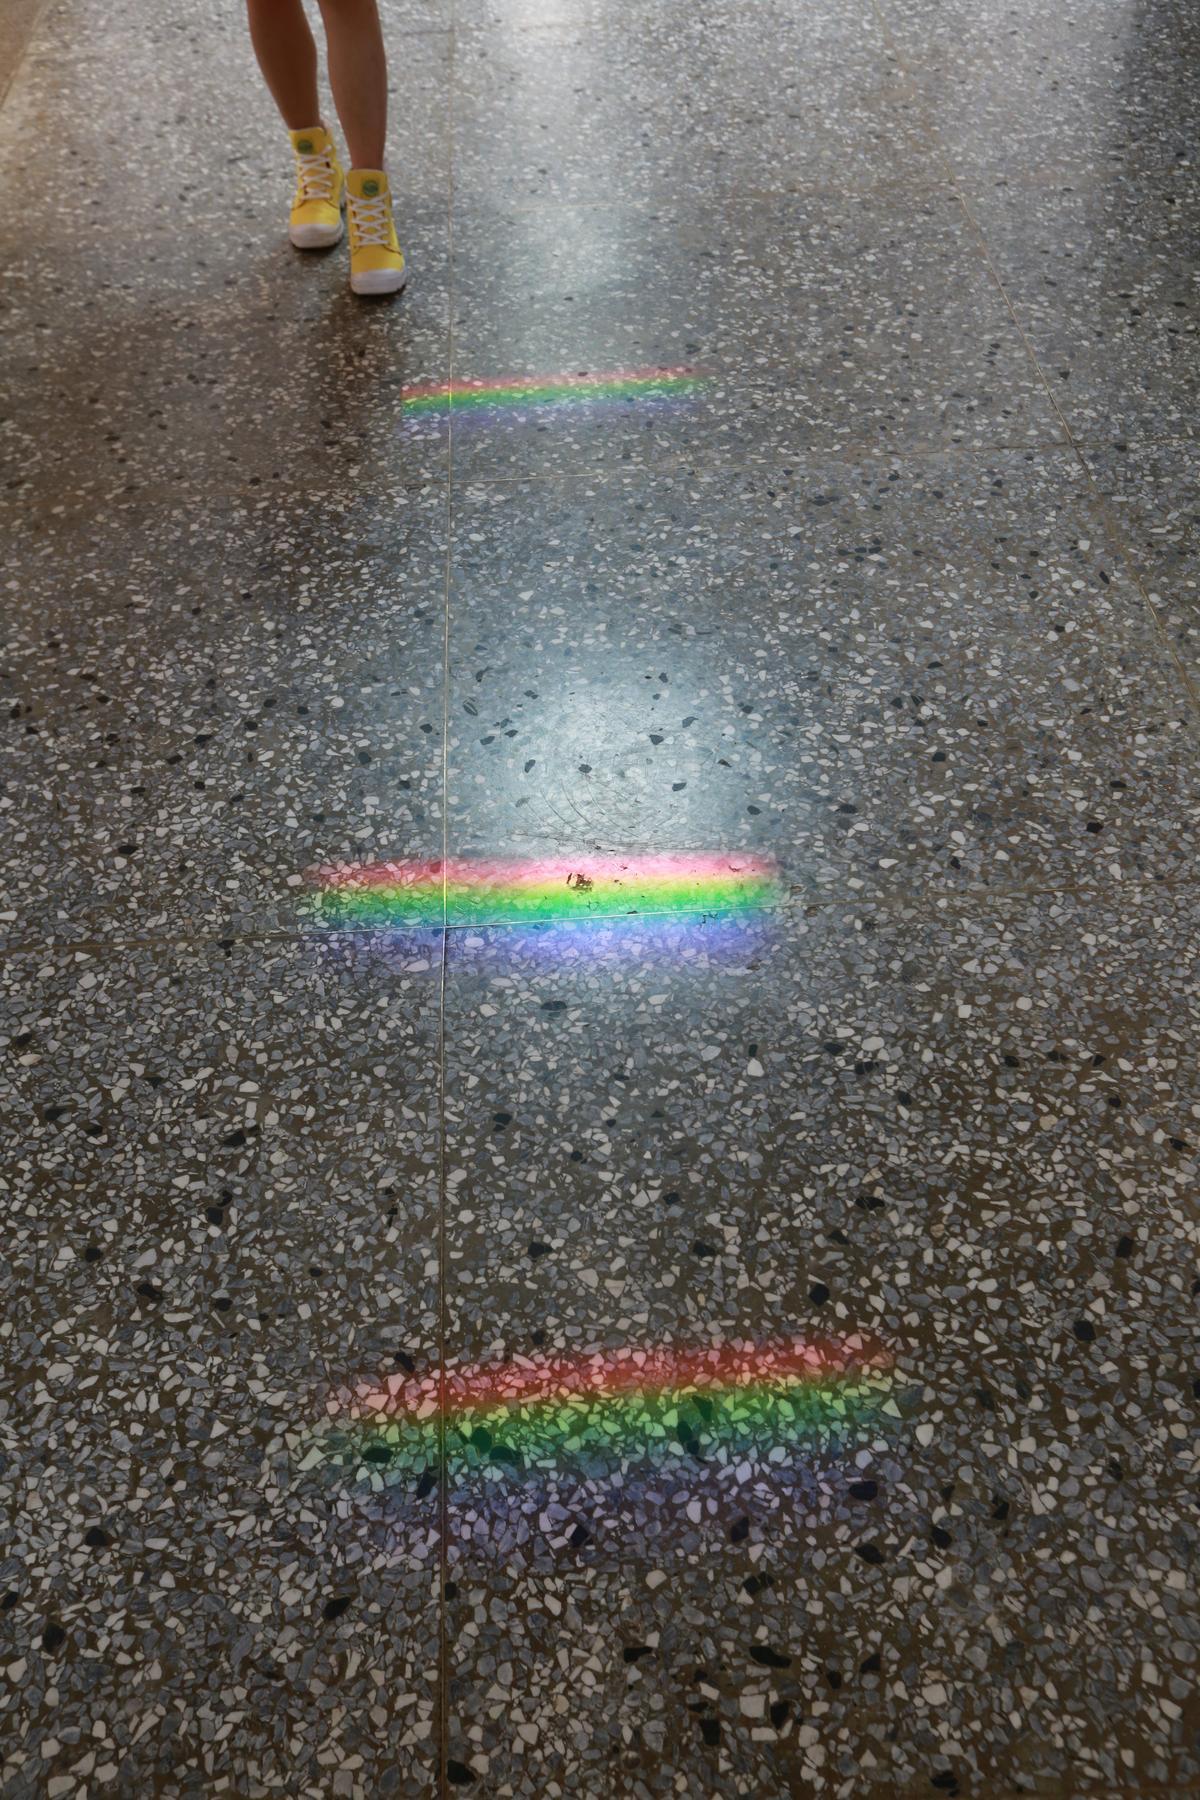 導覽大叔笑說,這條廊道叫彩虹走廊。